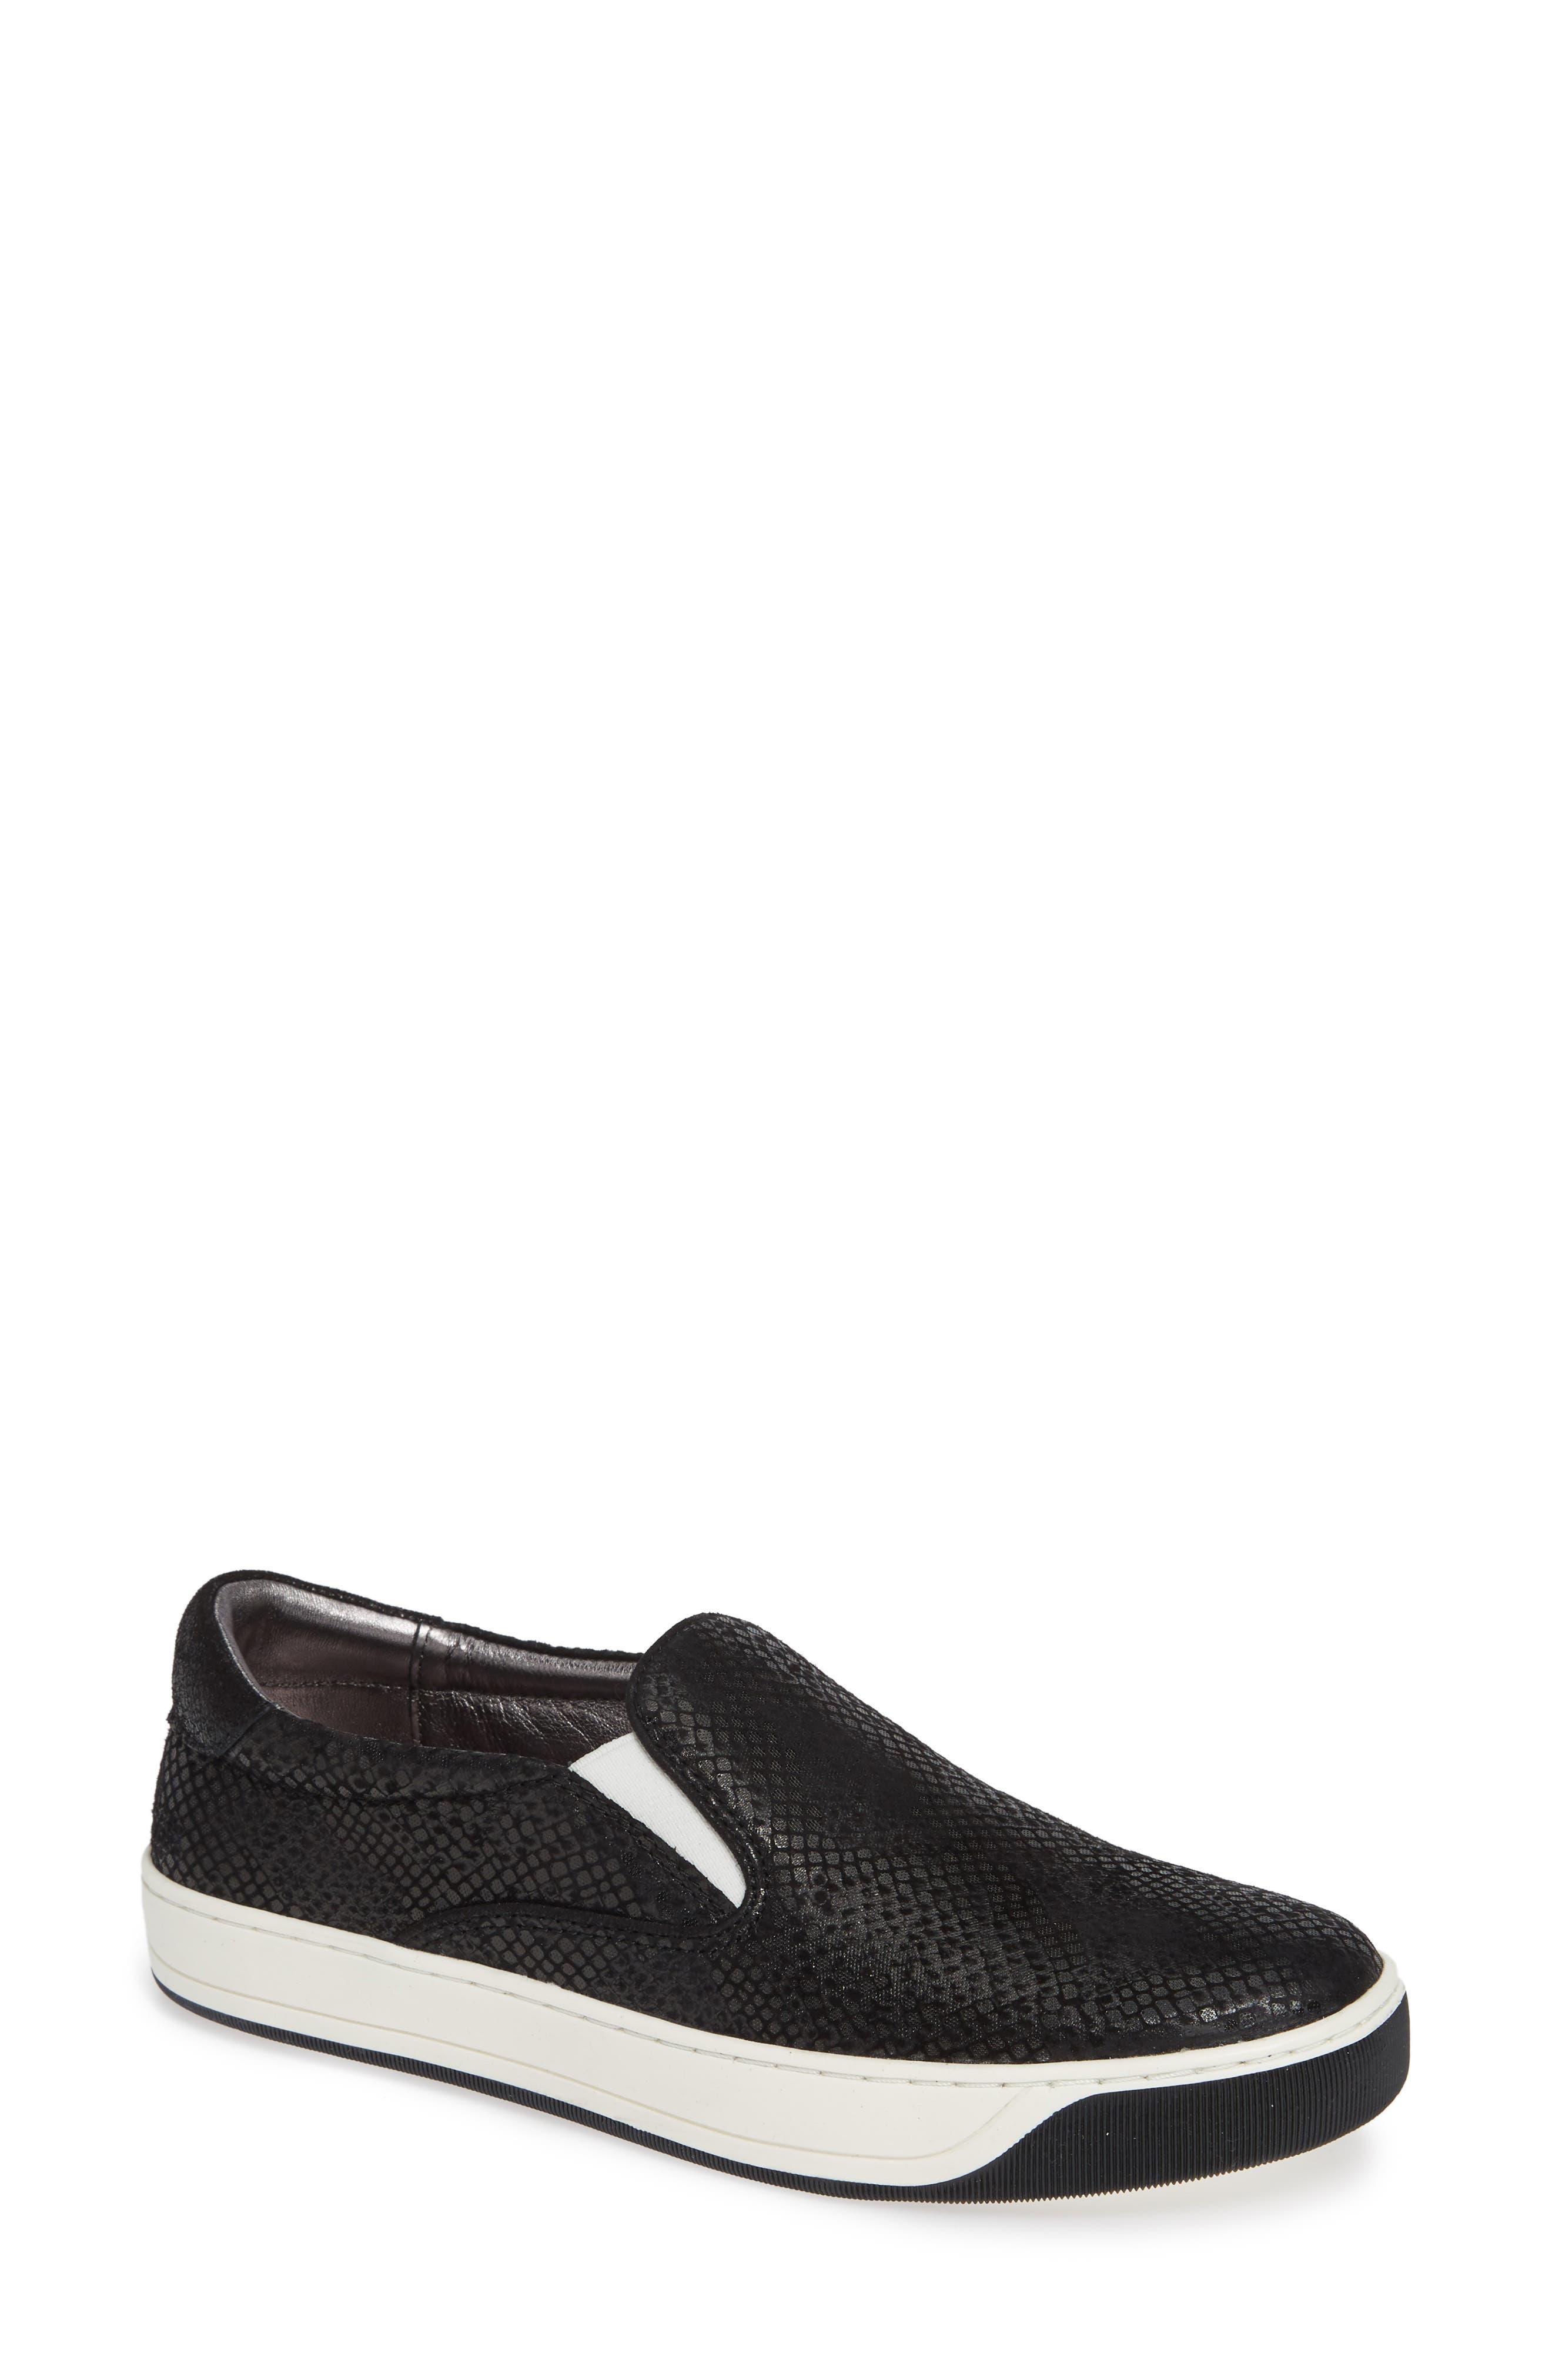 Elaine Slip-On Sneaker,                             Main thumbnail 1, color,                             Black Snake Print Suede